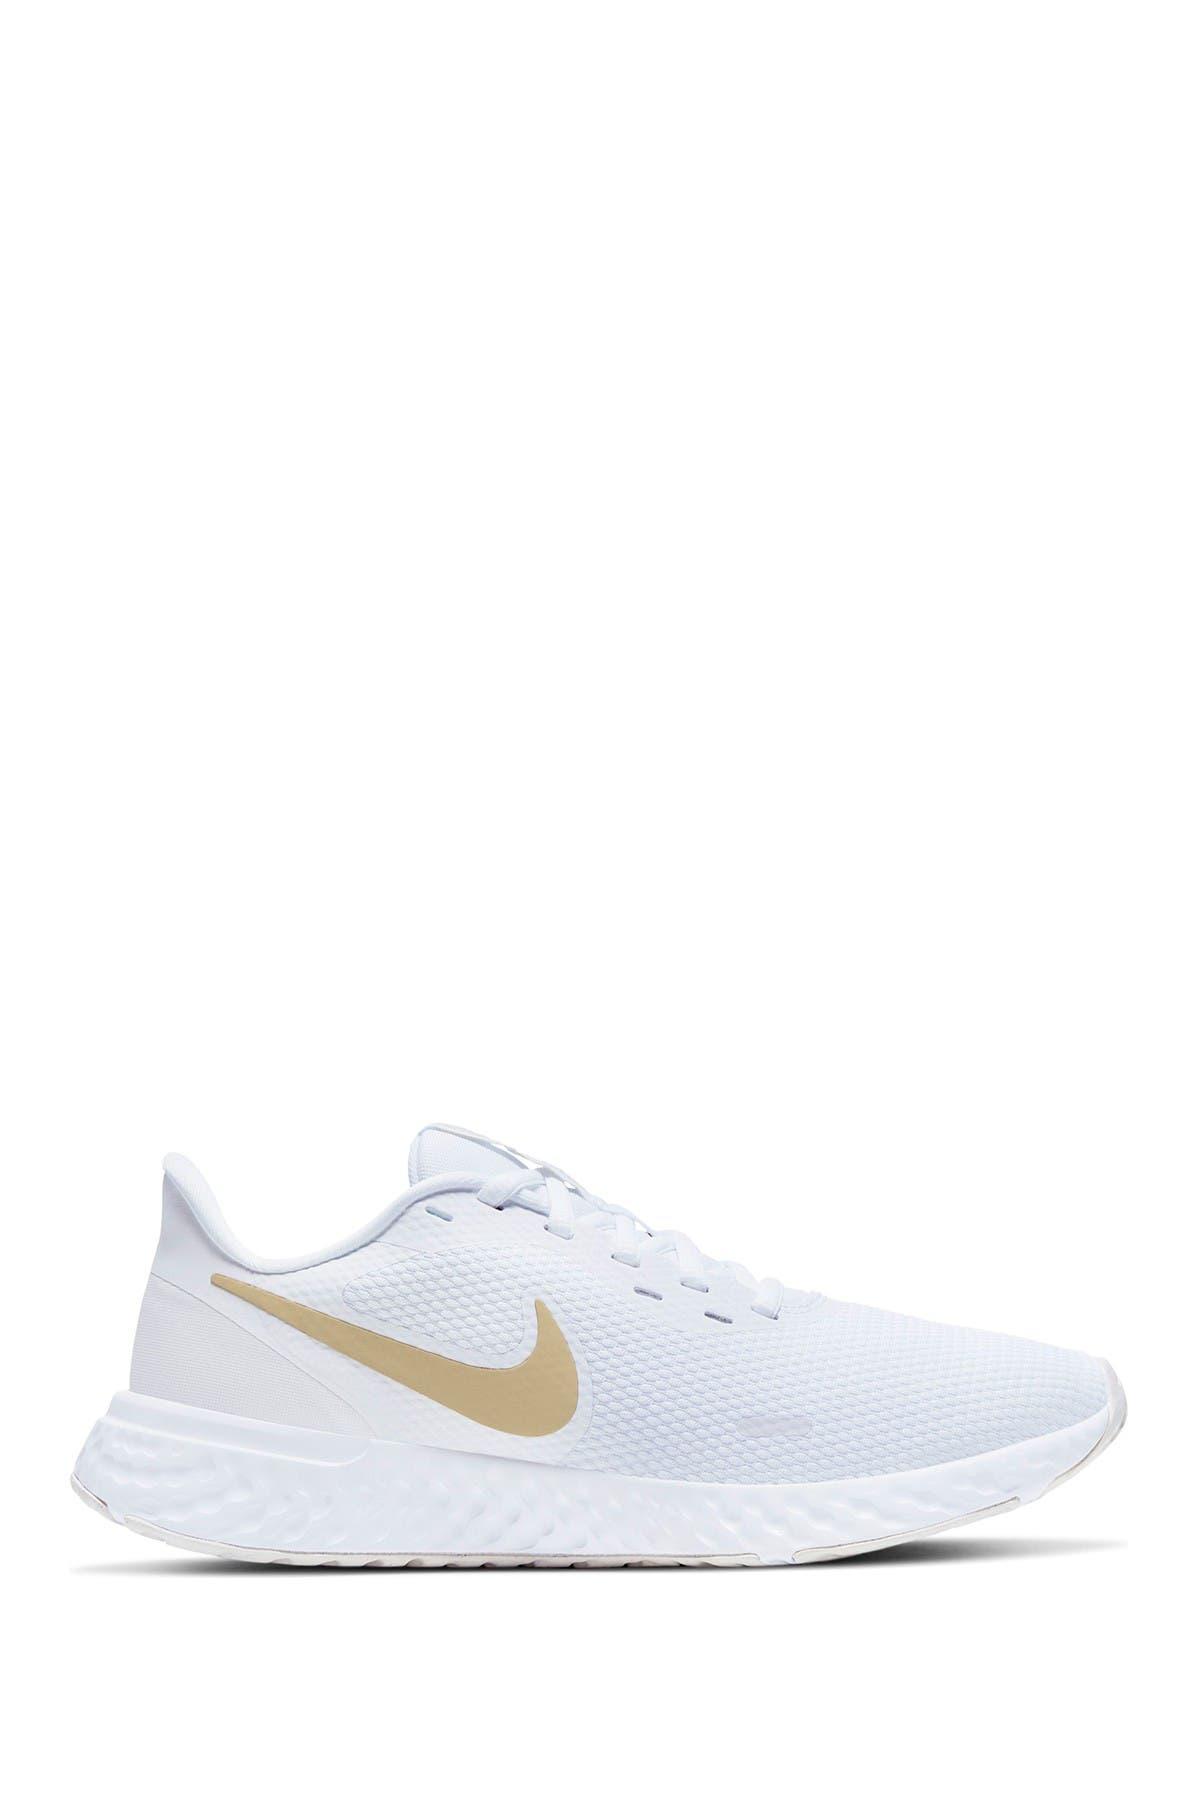 Image of Nike Revolution 5 Running Sneaker